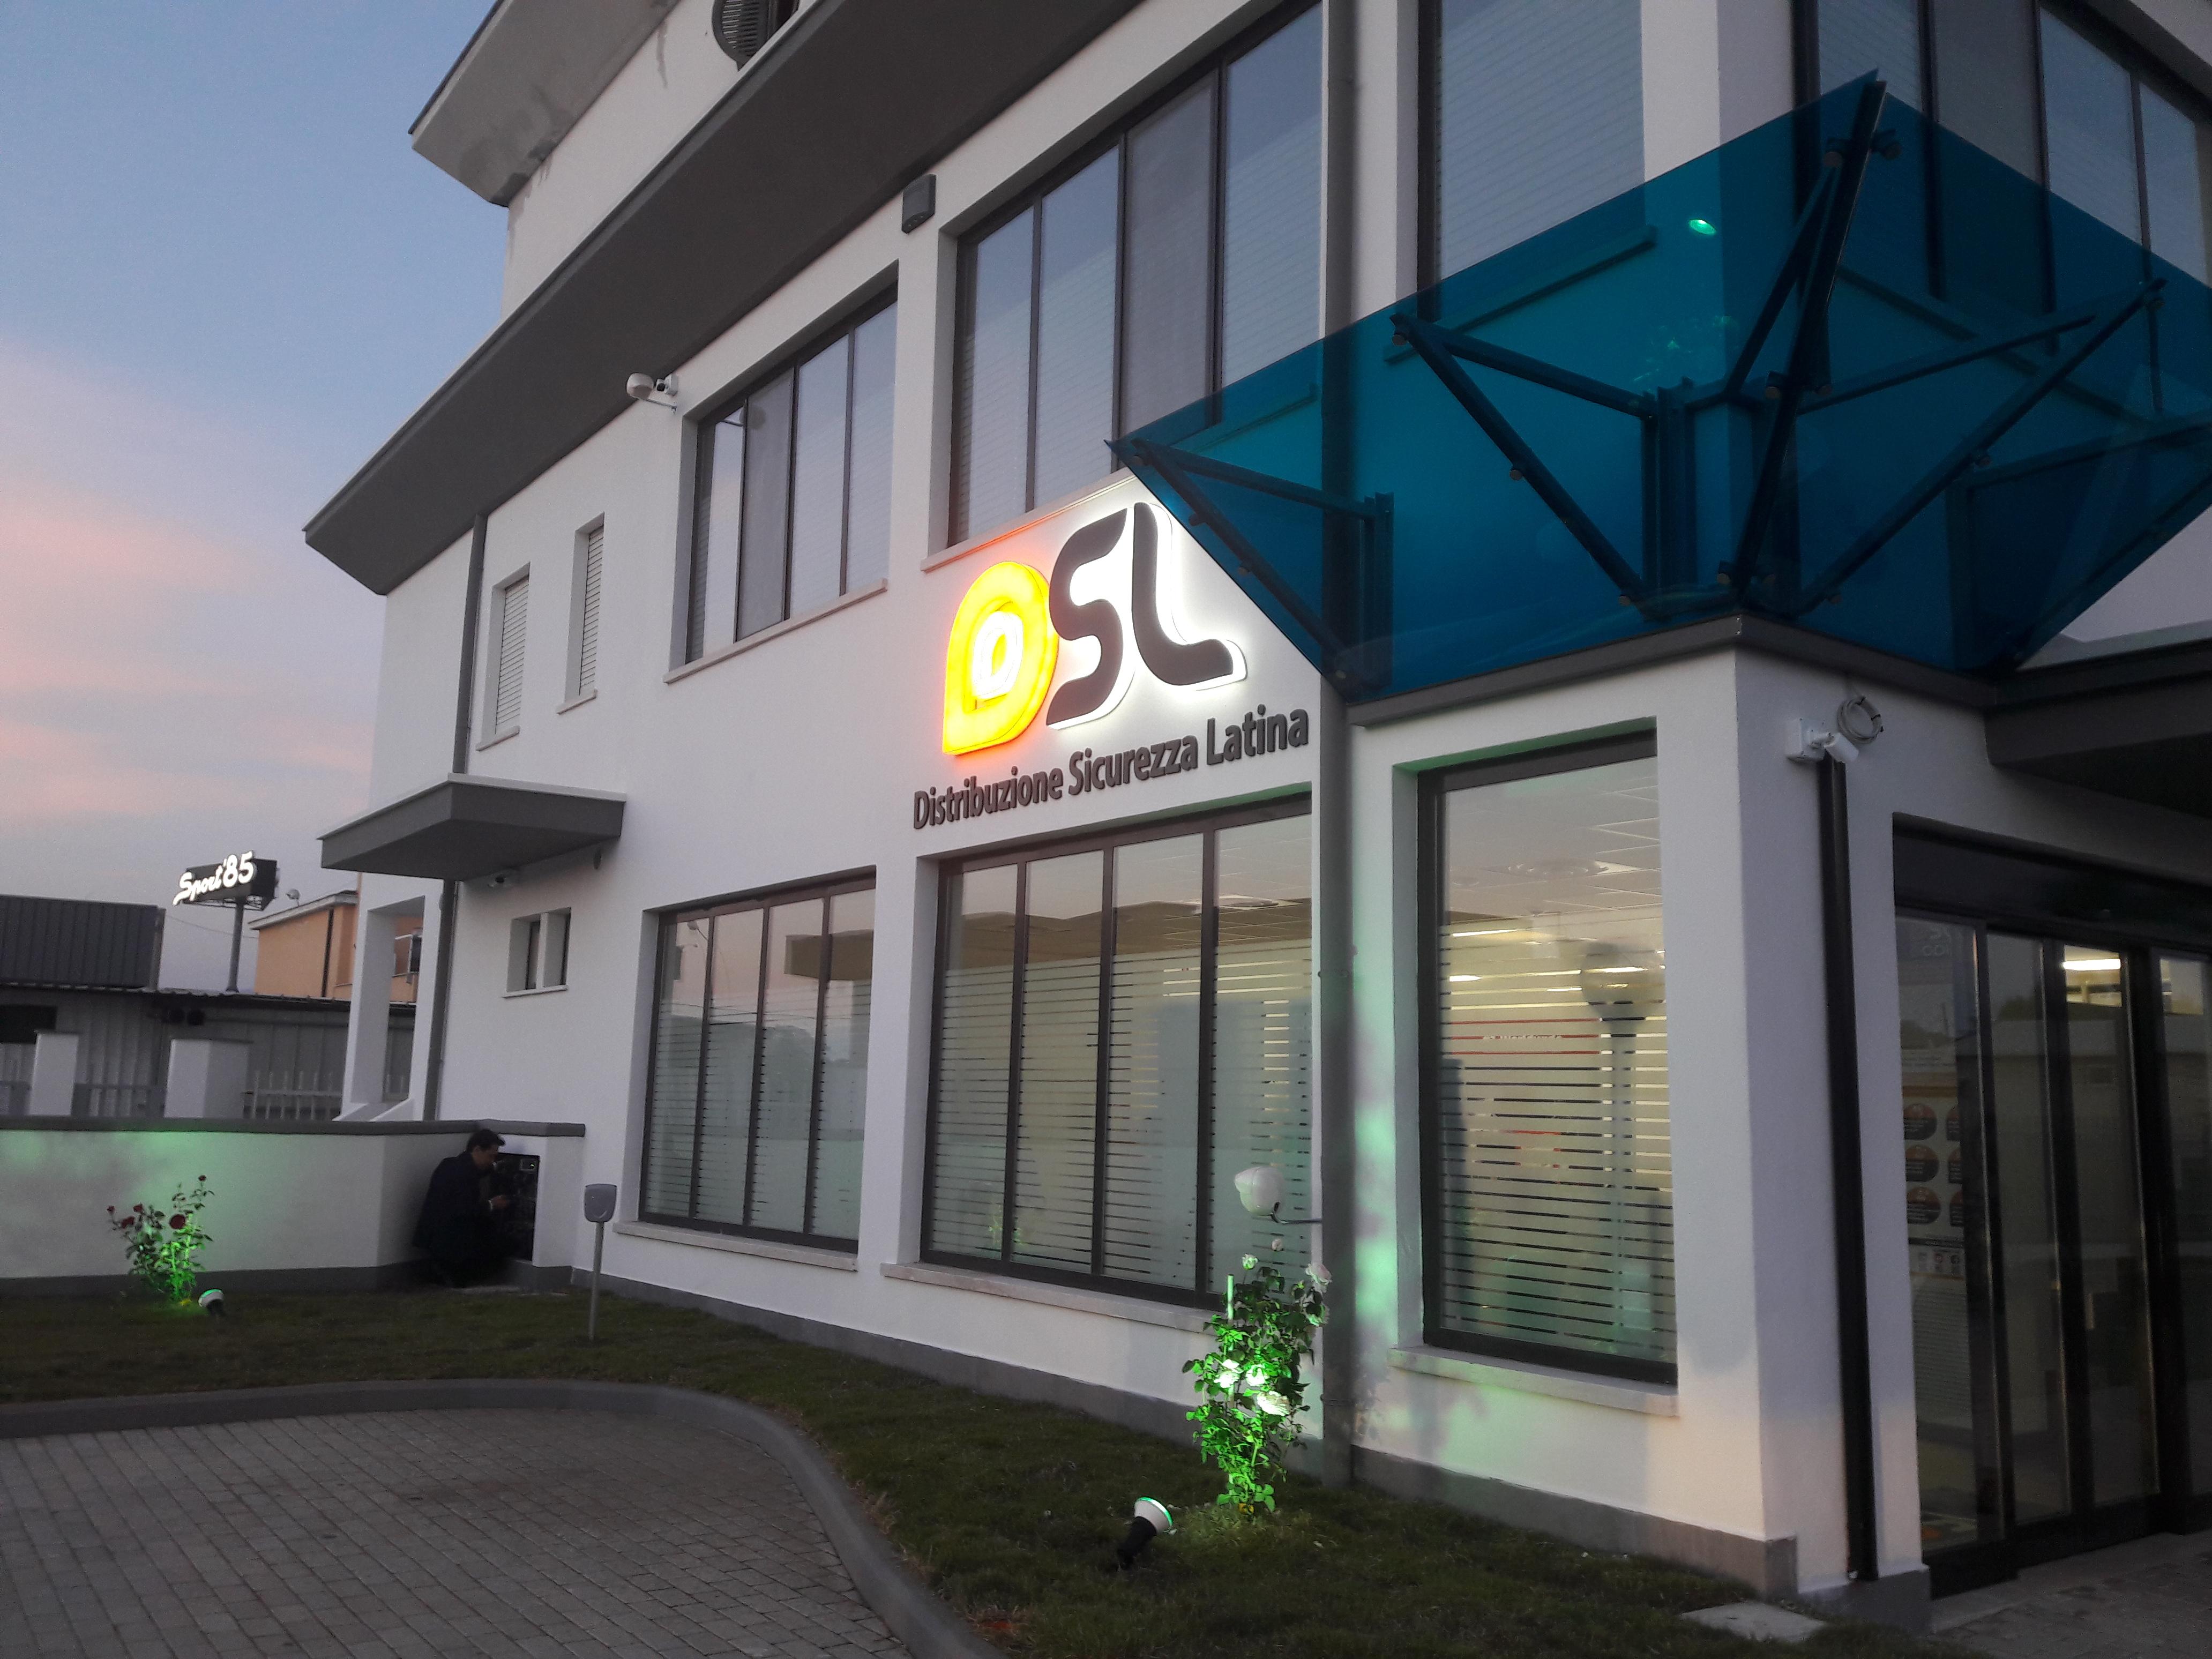 Nuova sede DSL (Distribuzione Sicurezza Latina) - consociata Dodic